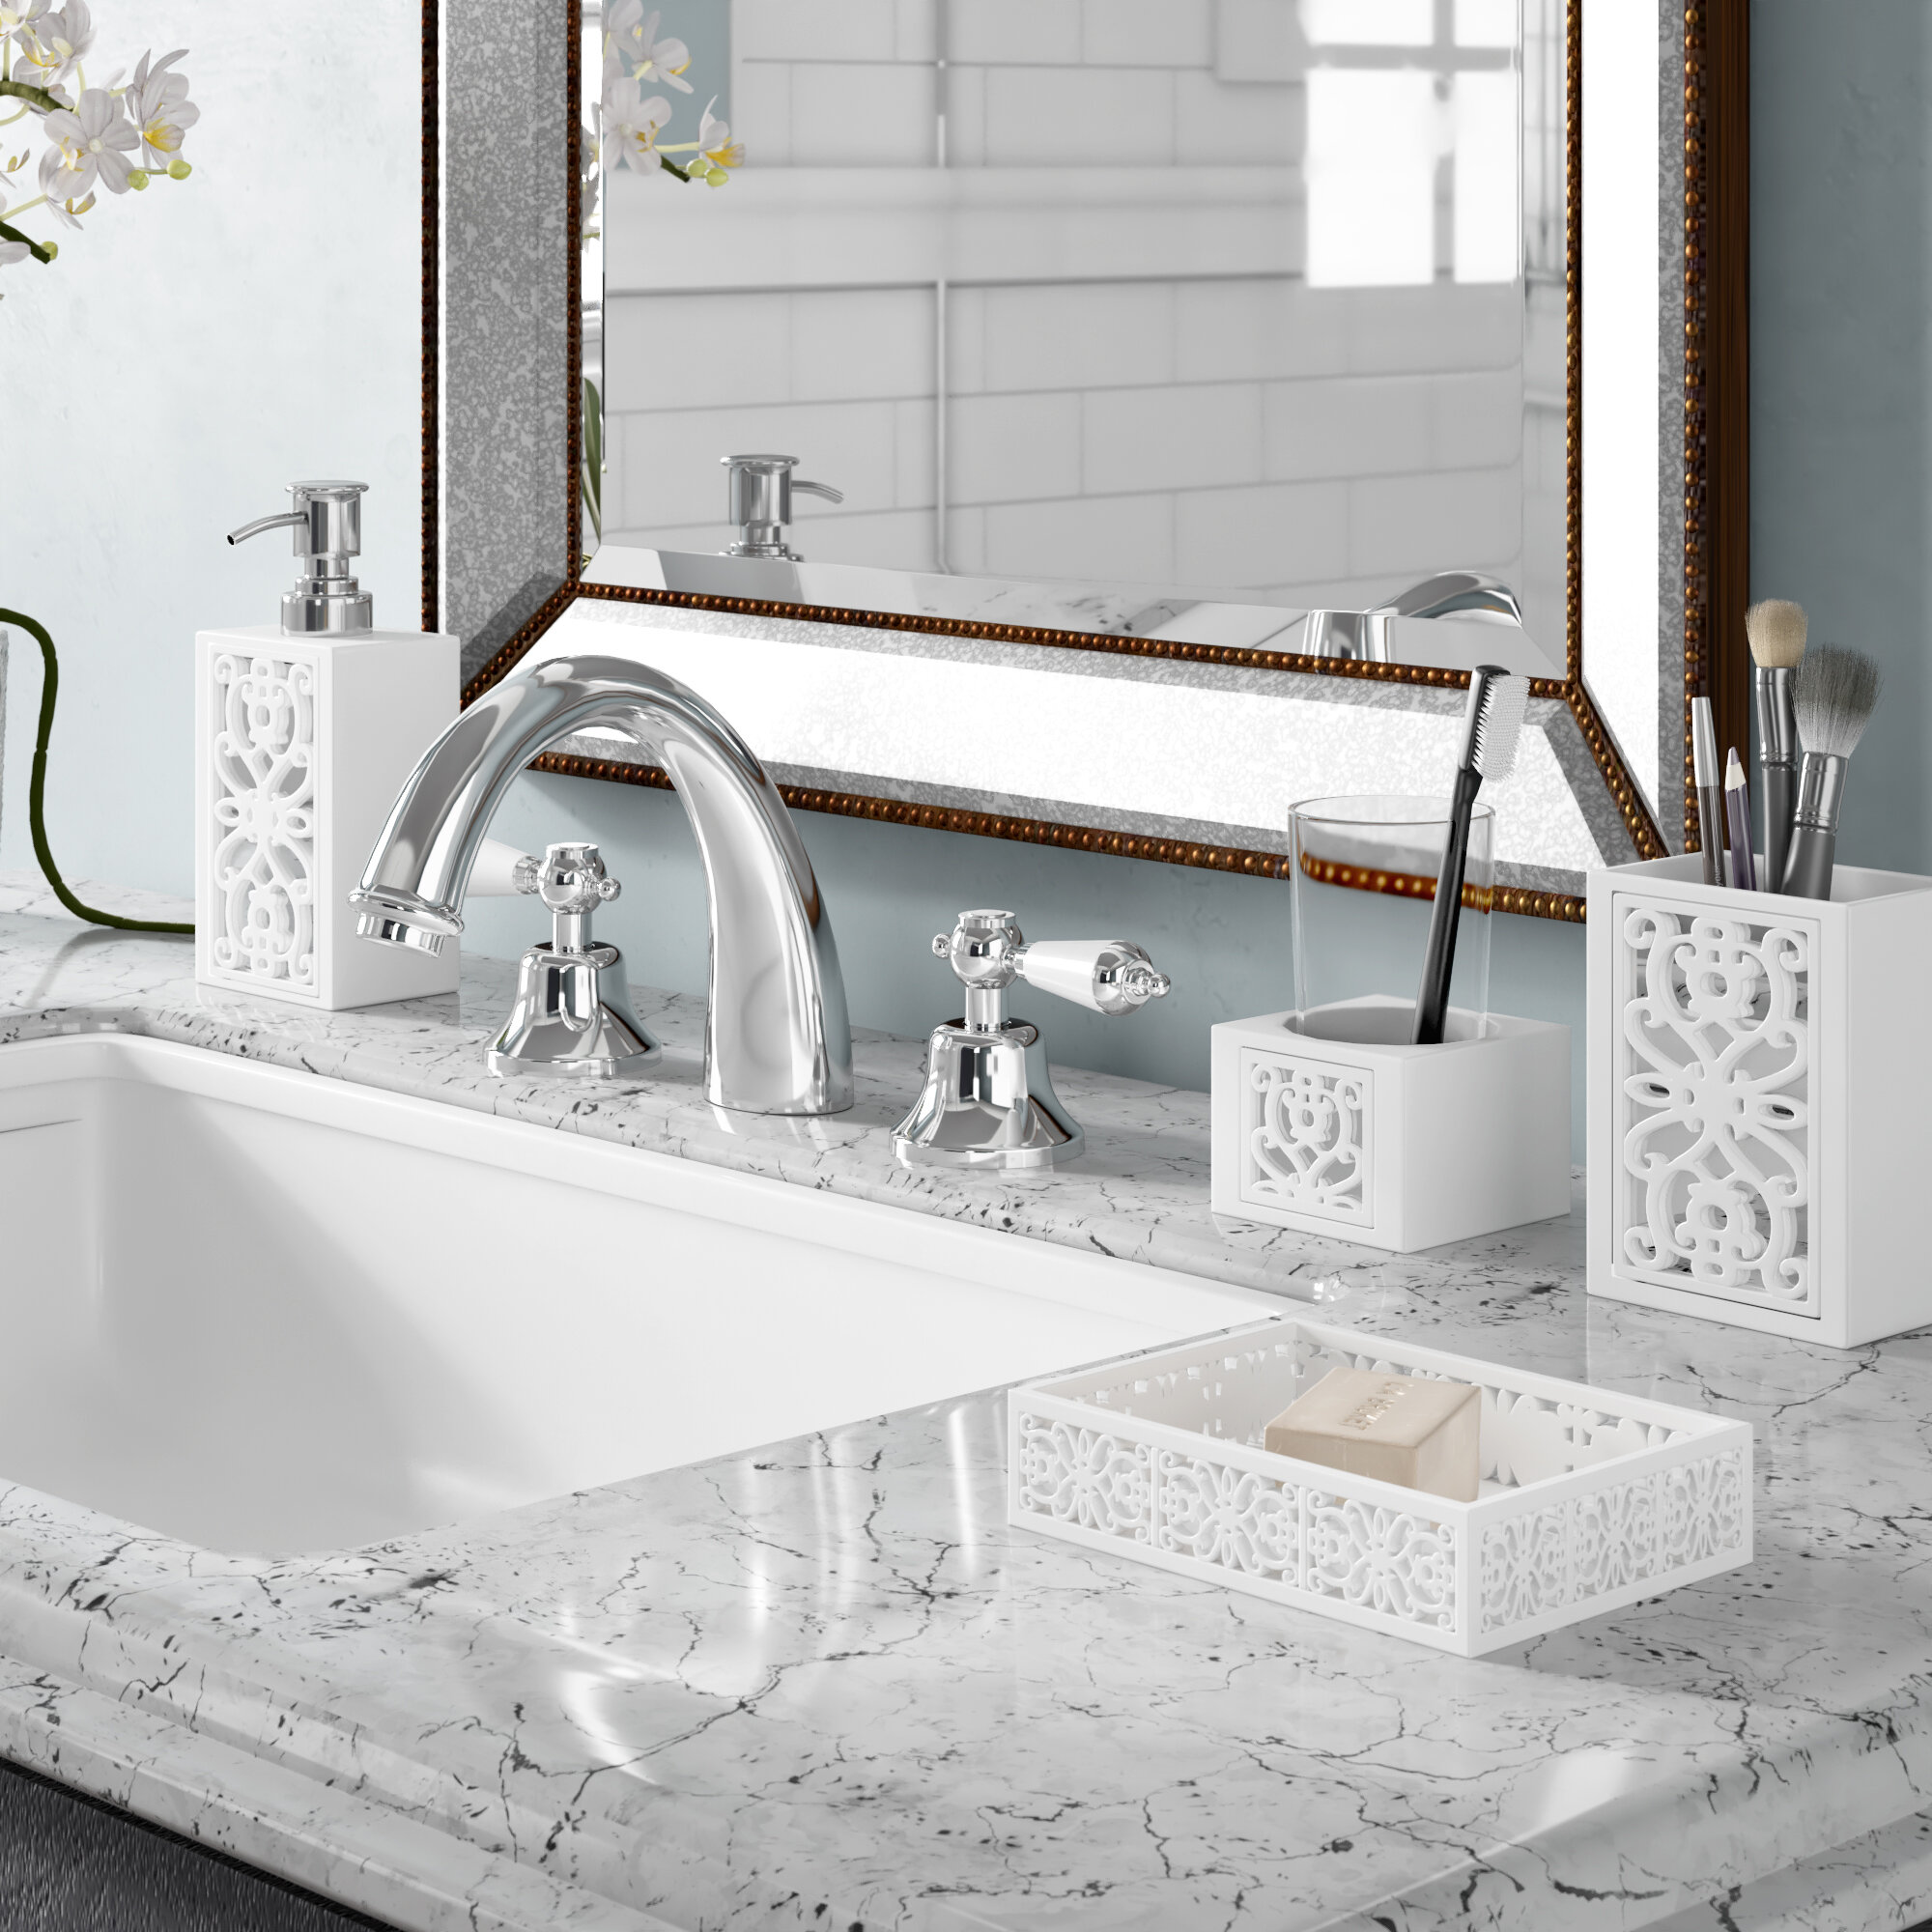 Mirror Janette 7 Piece Bathroom Accessories Set